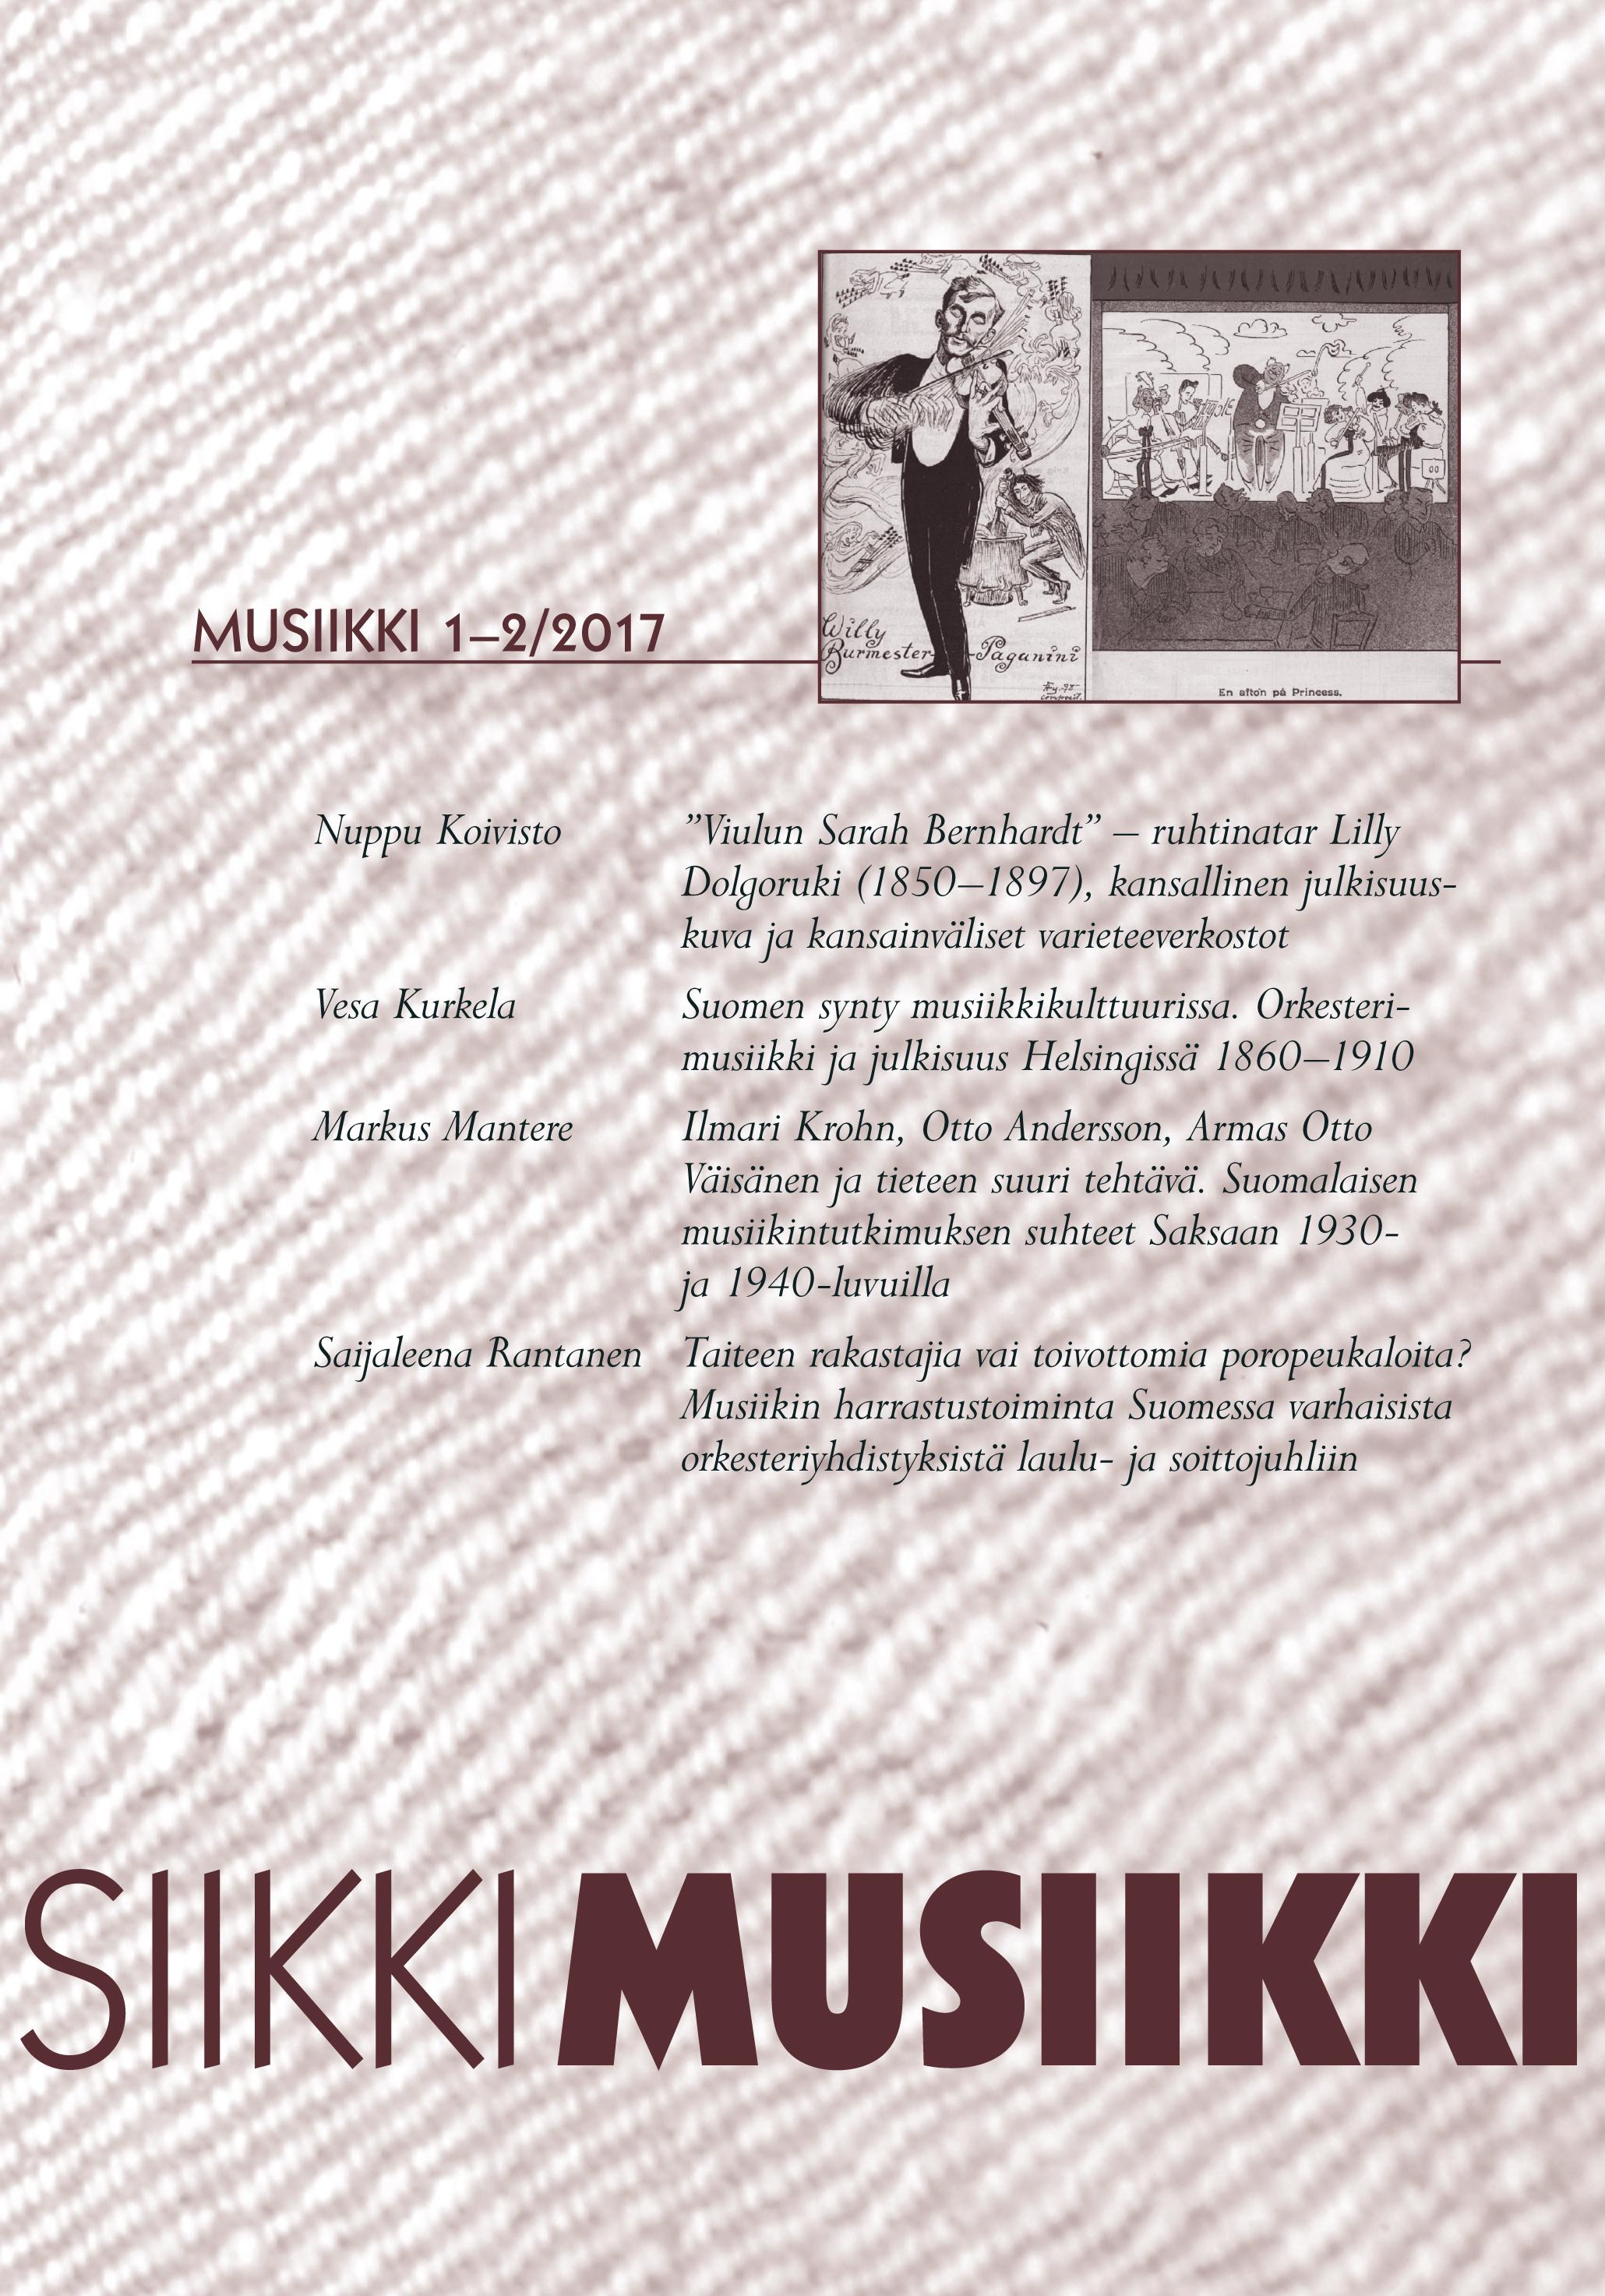 Vol 47 Nro 1-2 (2017): Musiikki 1-2/2017